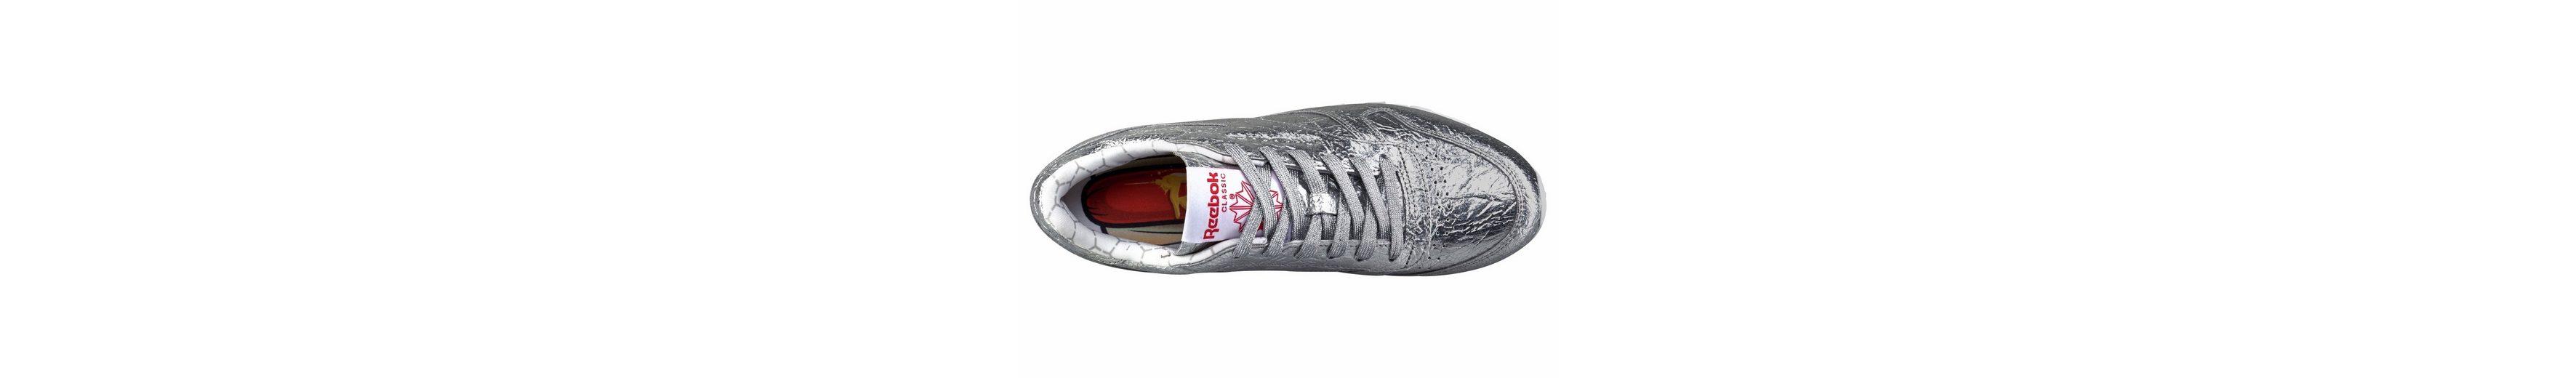 Reebok Classic Classic Leather HD Sneaker Freies Verschiffen Schnelle Lieferung Steckdose Billig Shop Für Günstige Online Neue Stile Verkauf Online yP84cPU